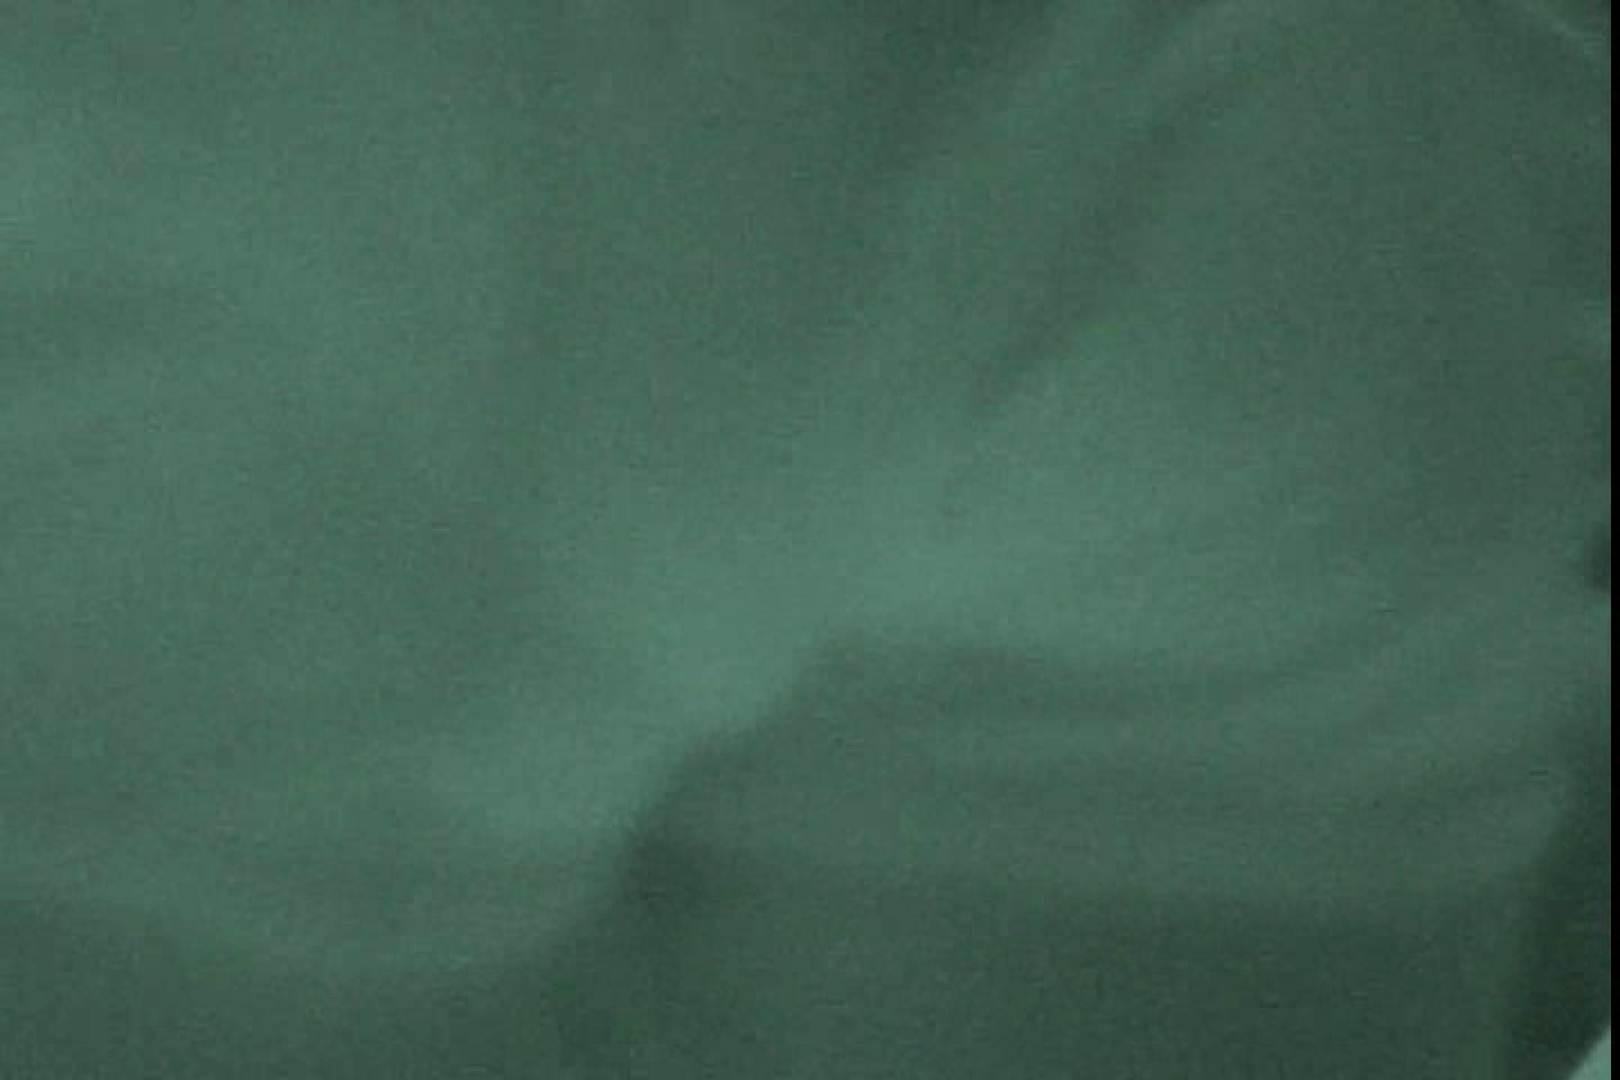 赤外線ムレスケバレー(汗) vol.02 アスリート | 美しいOLの裸体  93pic 49